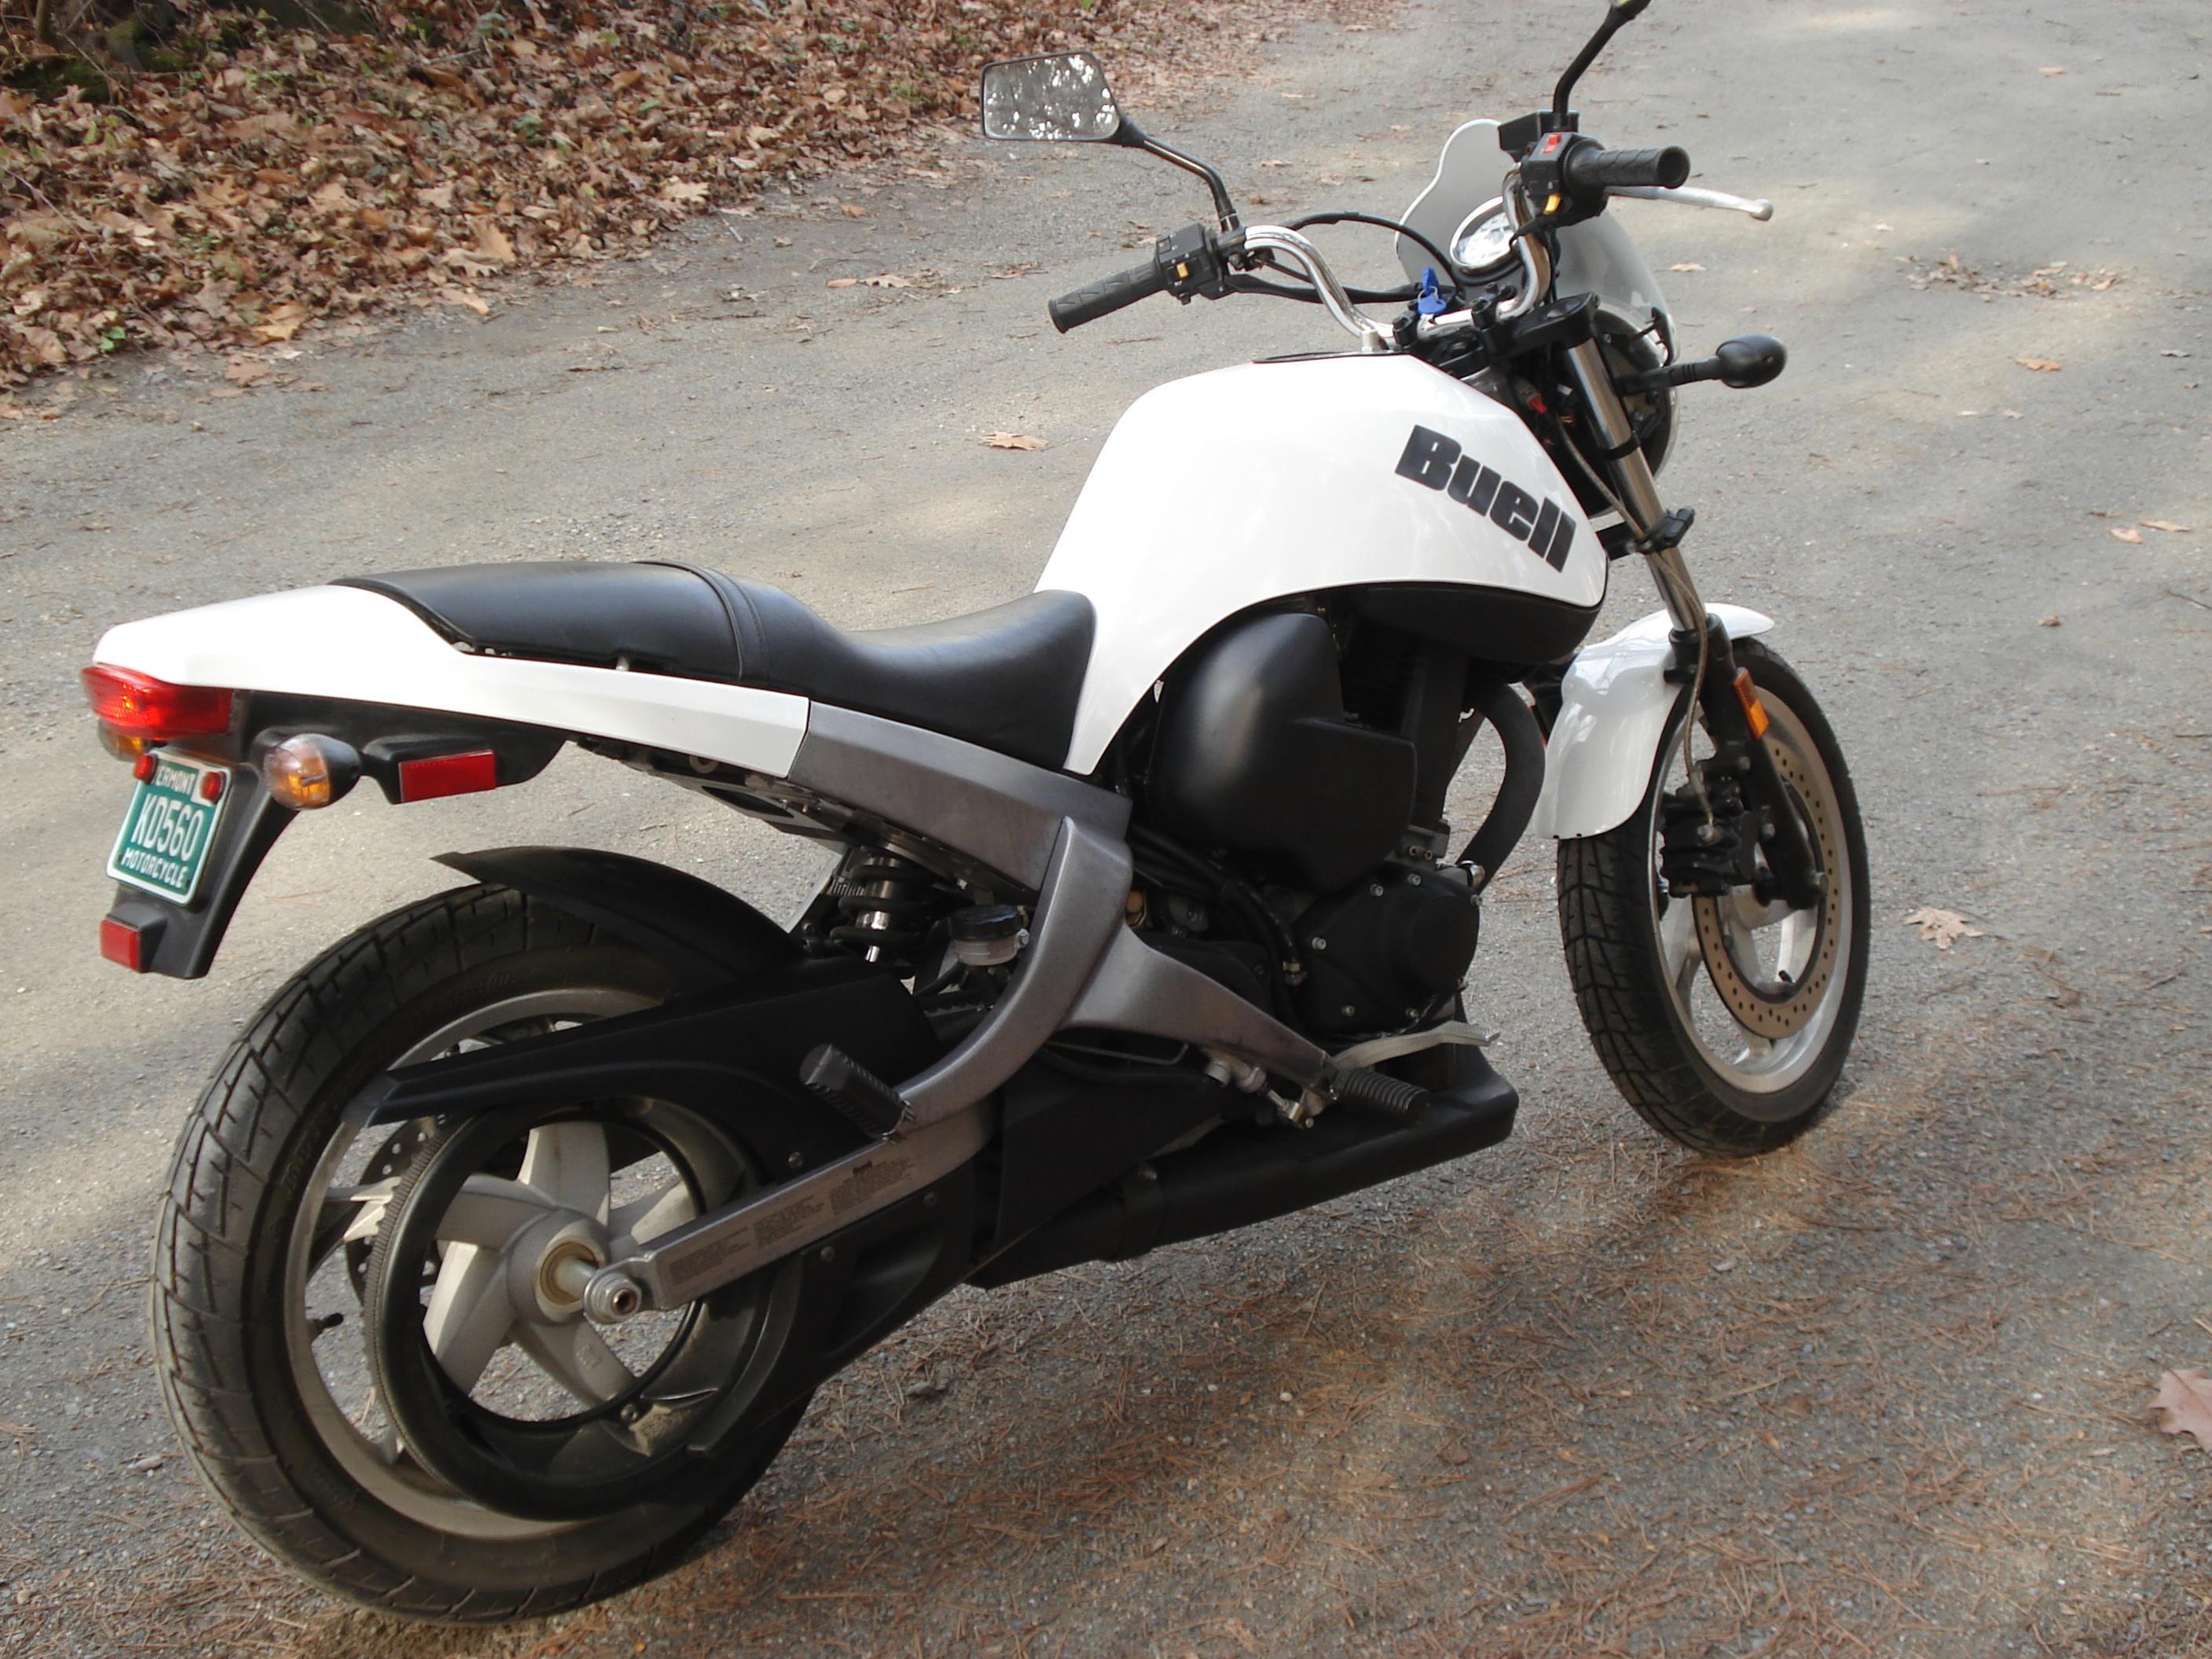 fs: girlfriend bike?? 2000 buell blast - ducati.ms - the ultimate